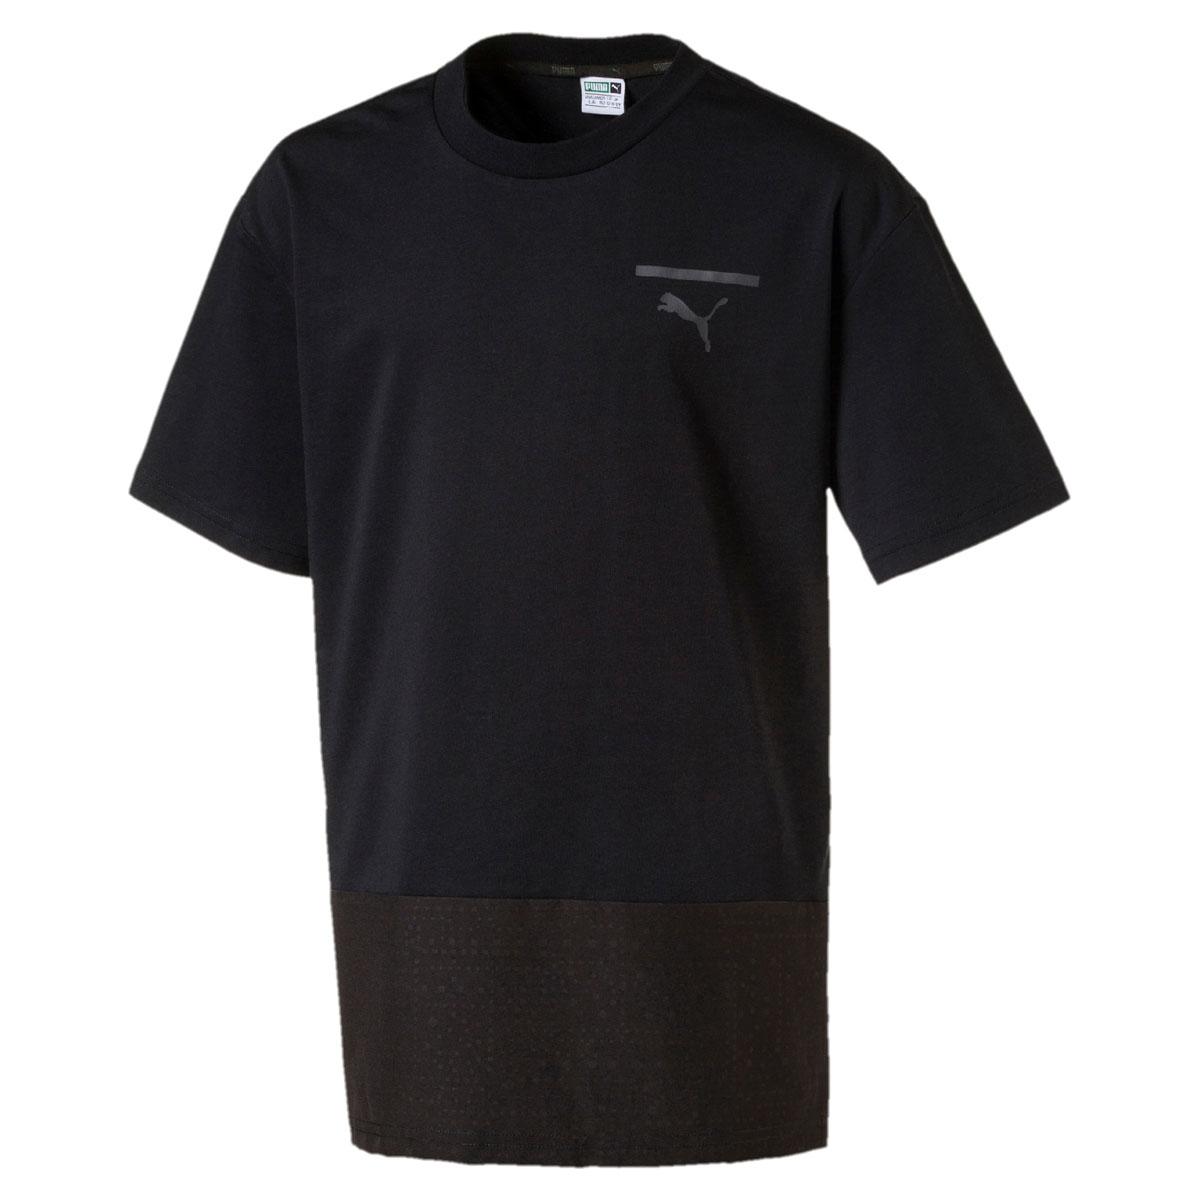 Футболка для мальчика Puma Pace Tee, цвет: черный. 850245017. Размер 164 футболка женская puma heather cat tee цвет черный 51641001 размер l 46 48